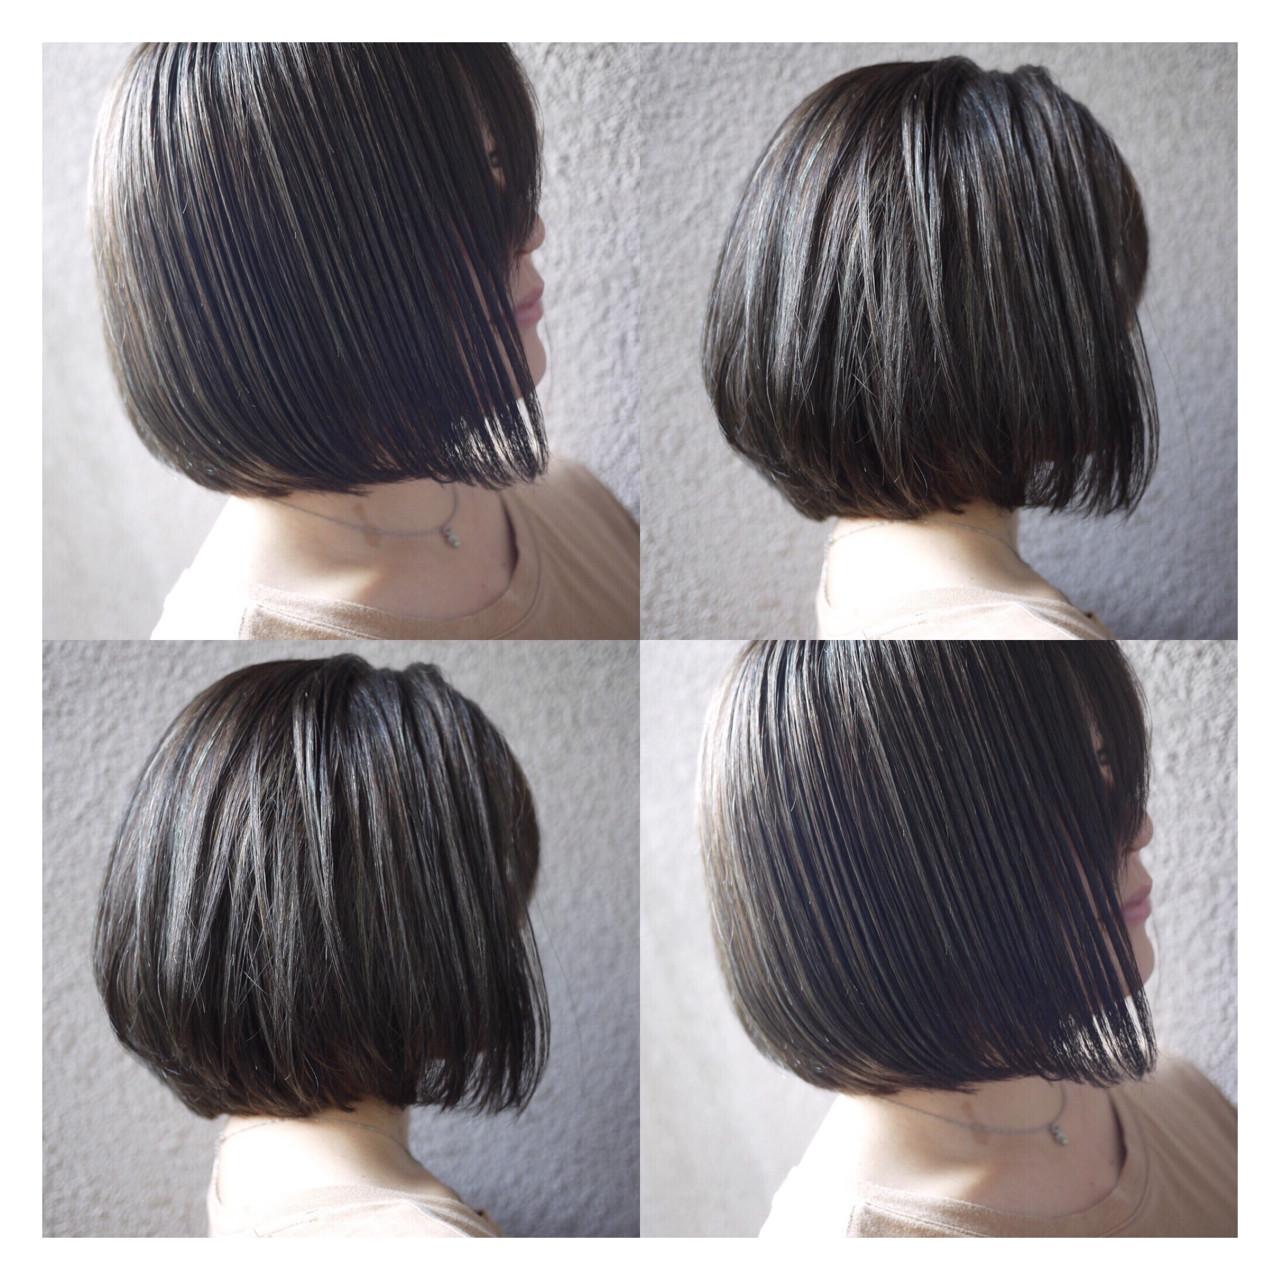 ウェットヘア グレー ボブ ストリート ヘアスタイルや髪型の写真・画像